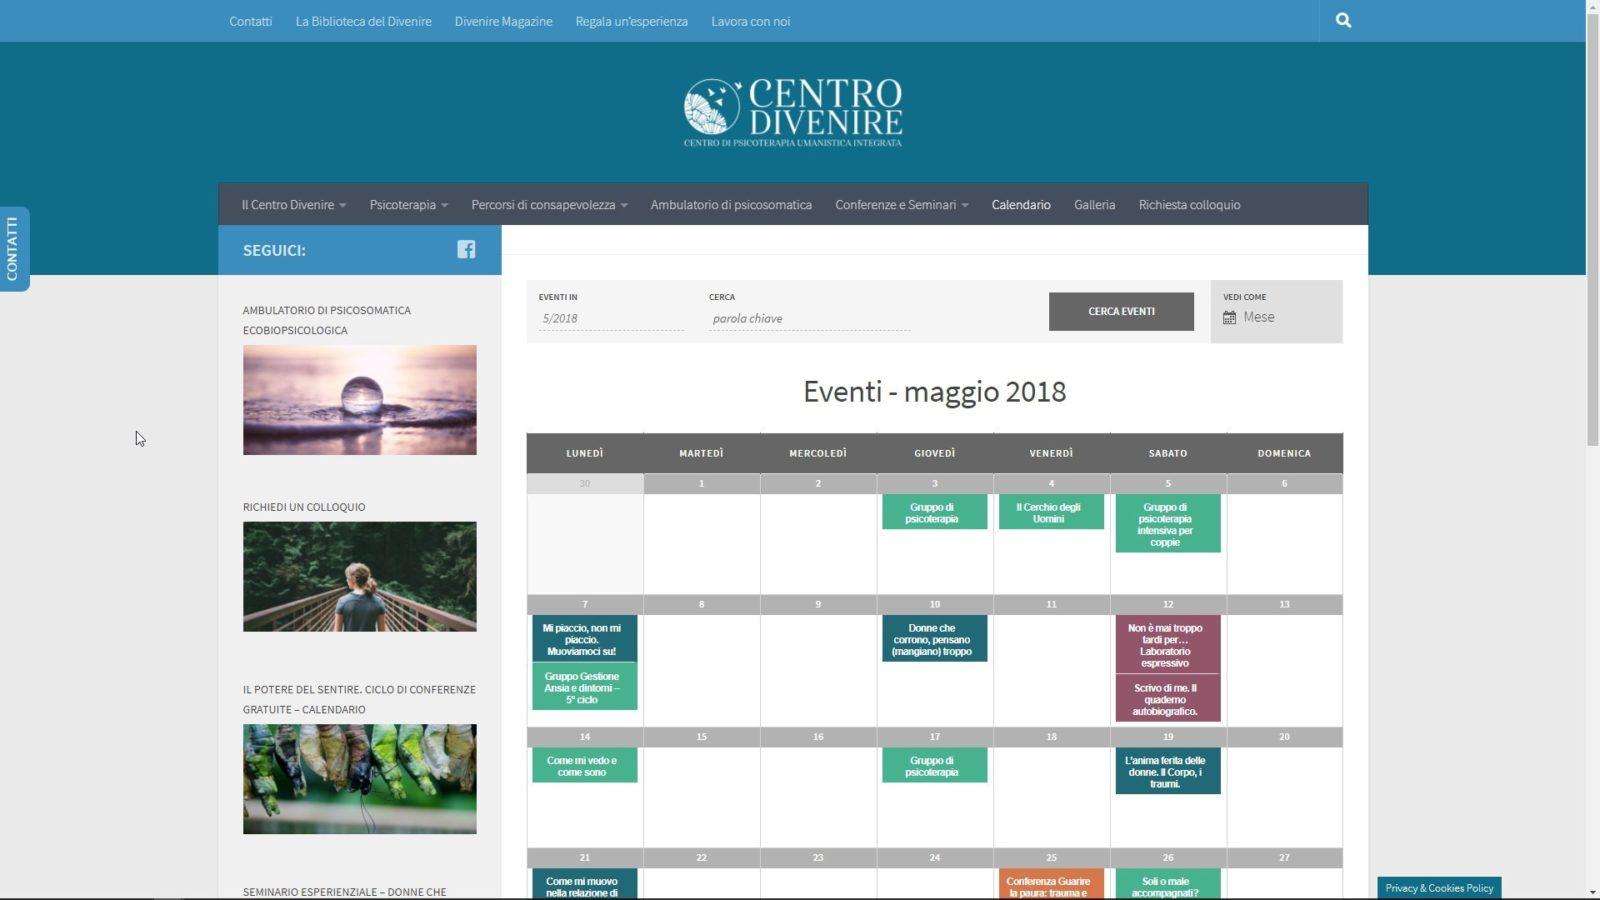 SITO INTERNET CENTRO DIVENIRE - CALENDAR